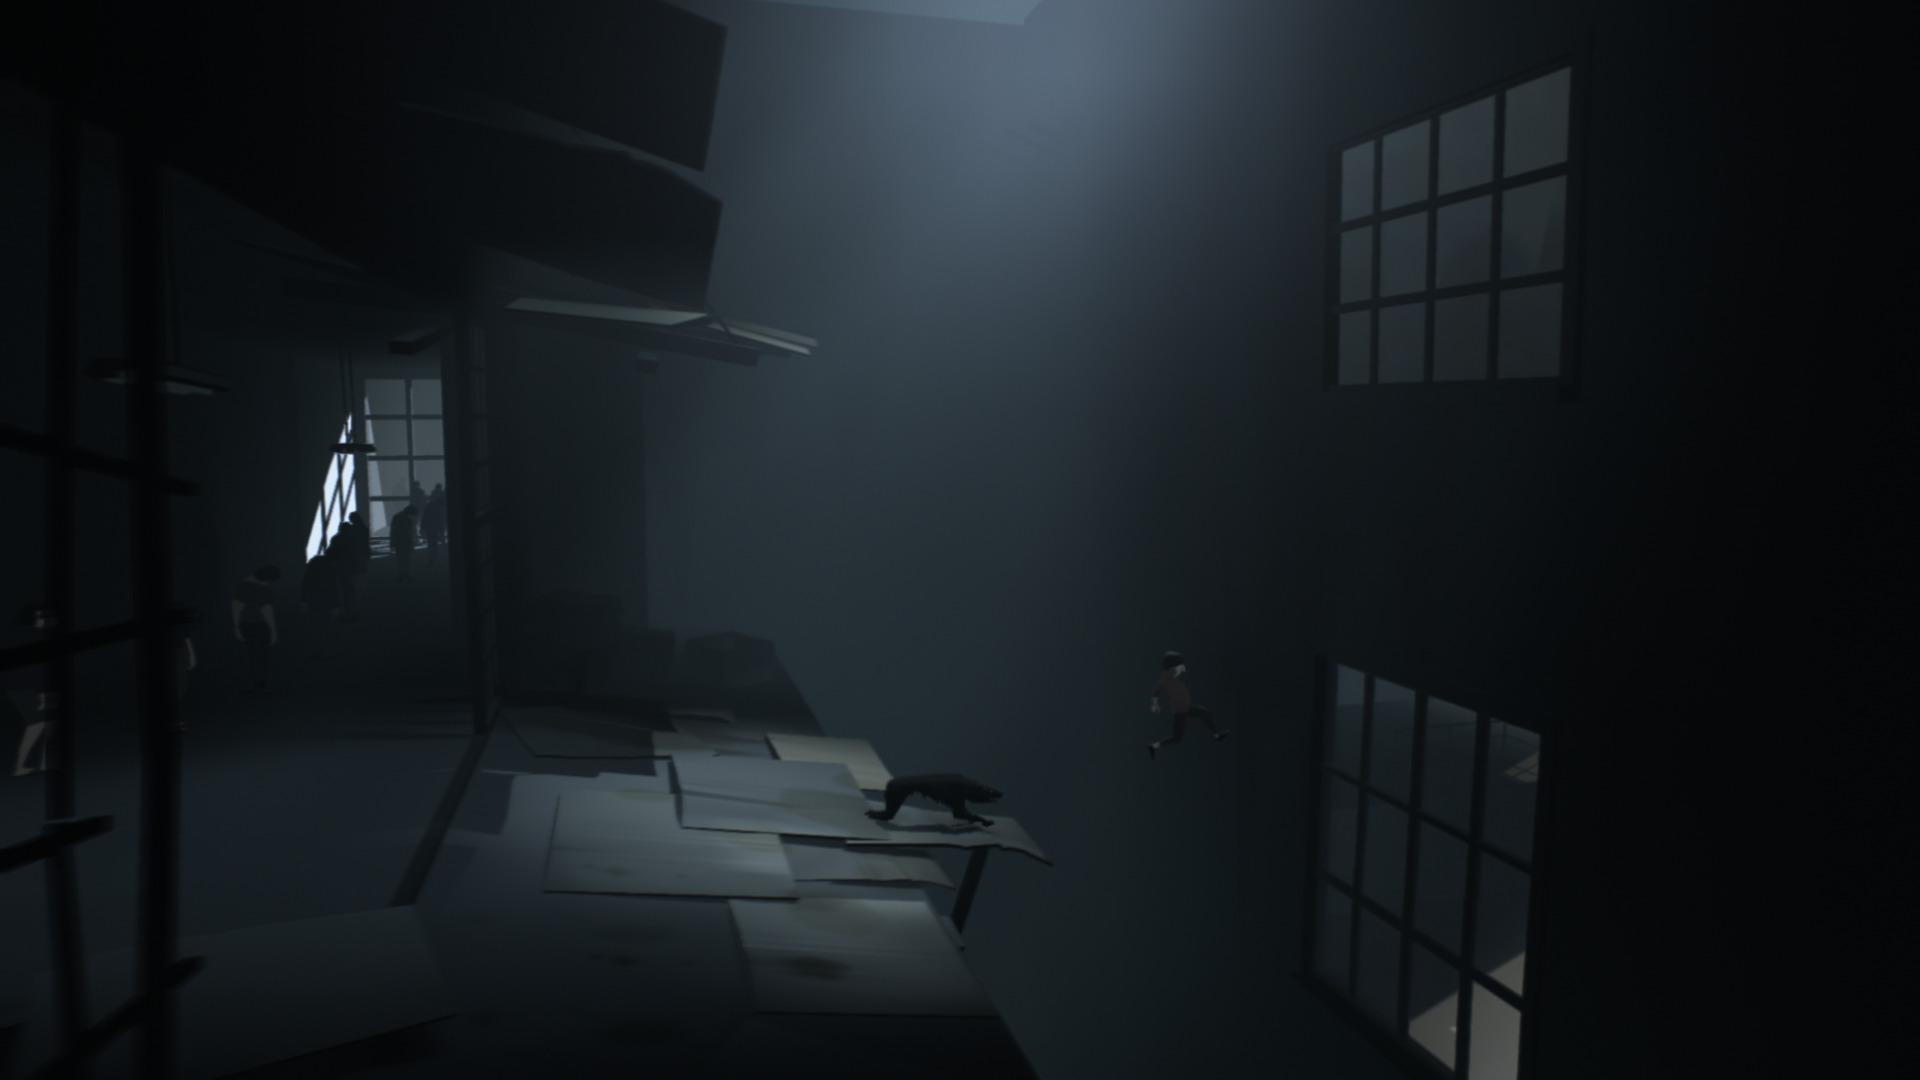 Captura de pantalla 1 d'Inside